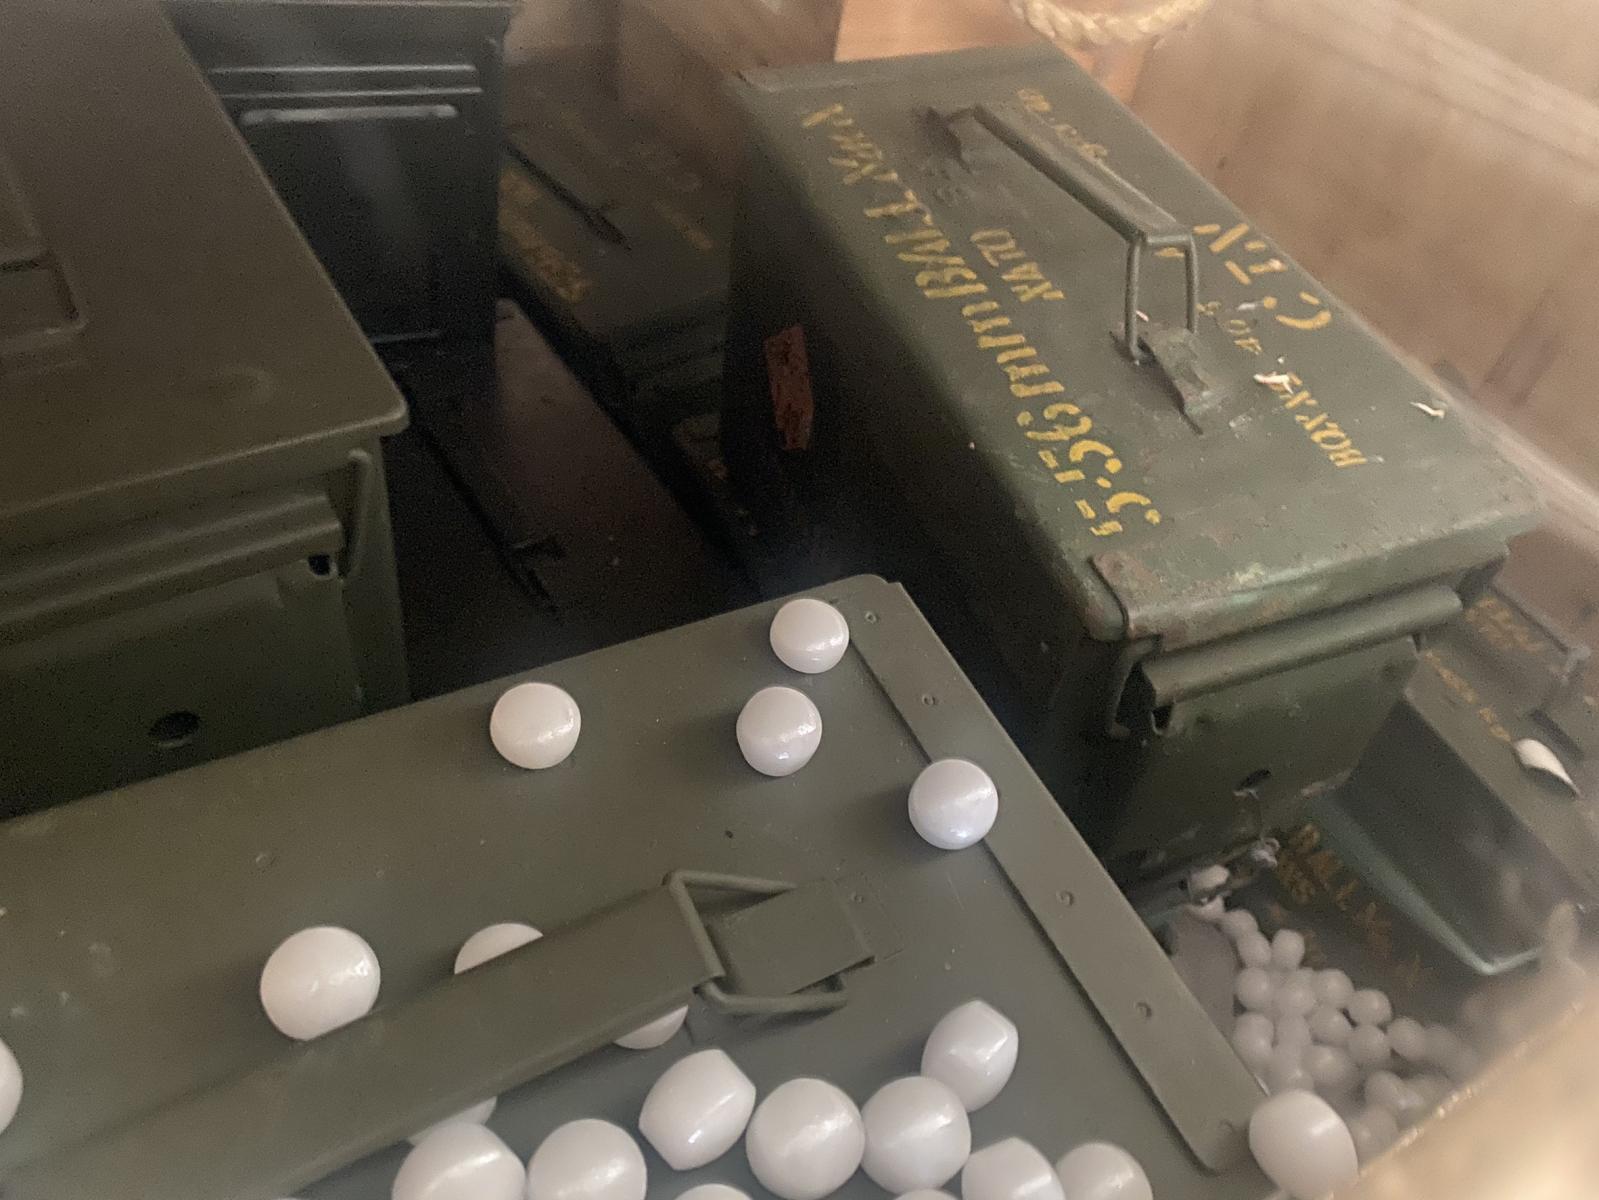 บุกจับชาวจีน ลักลอบขายอาวุธสงครามผ่านออนไลน์ ยึดปืน ระเบิด กระสุน 1.2 หมื่นนัด